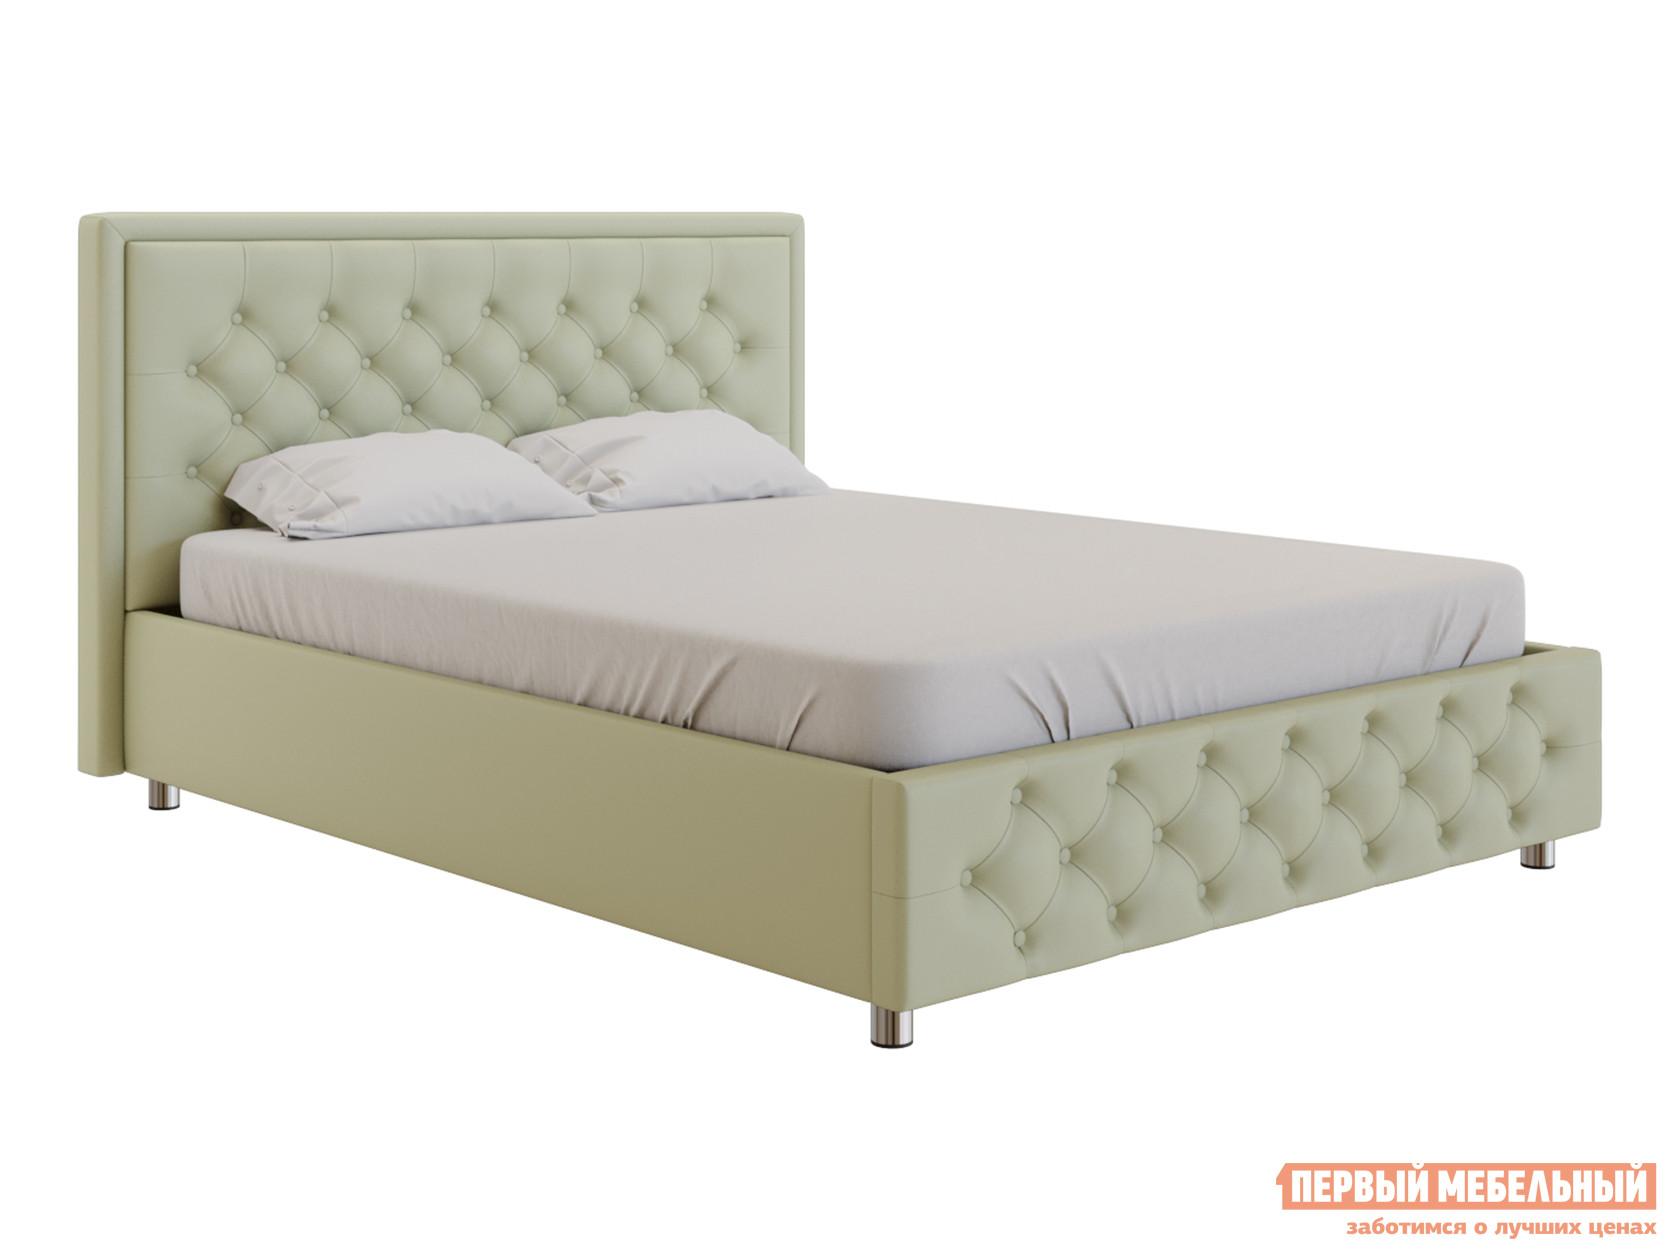 Двуспальная кровать  Кровать с подъемным механизмом Флоренция Слоновая кость, экокожа, 1600 Х 2000 мм